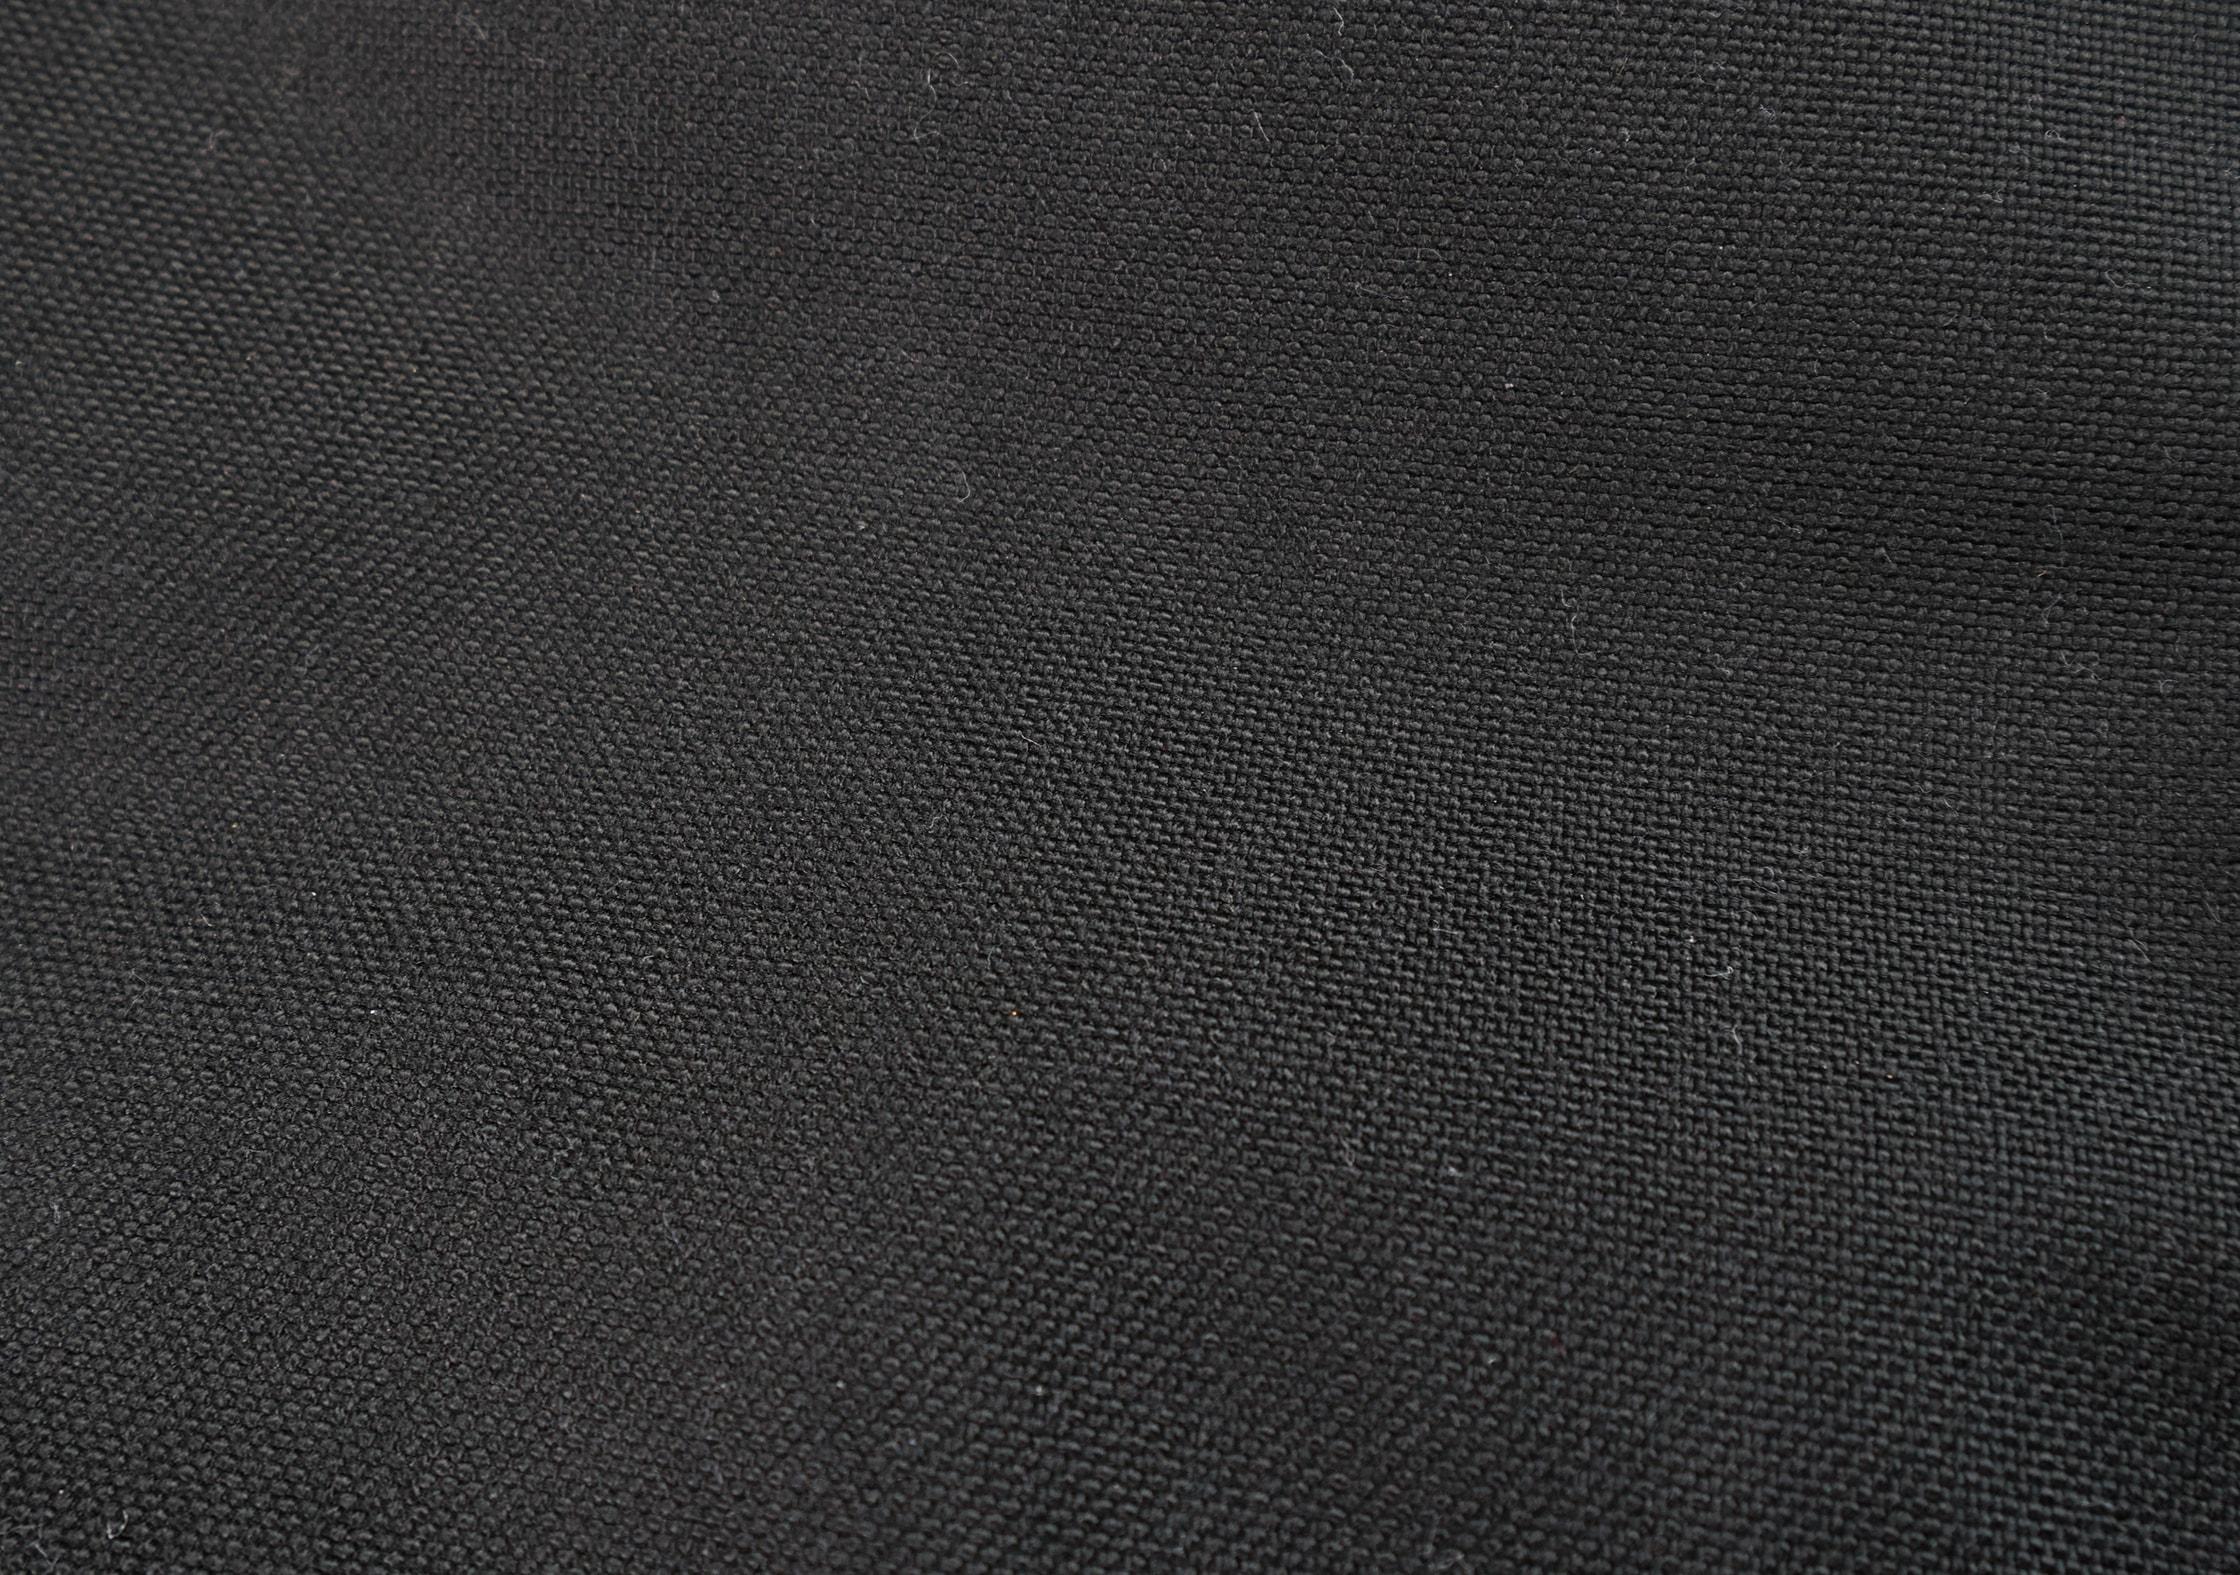 GORUCK GR1 Fabric